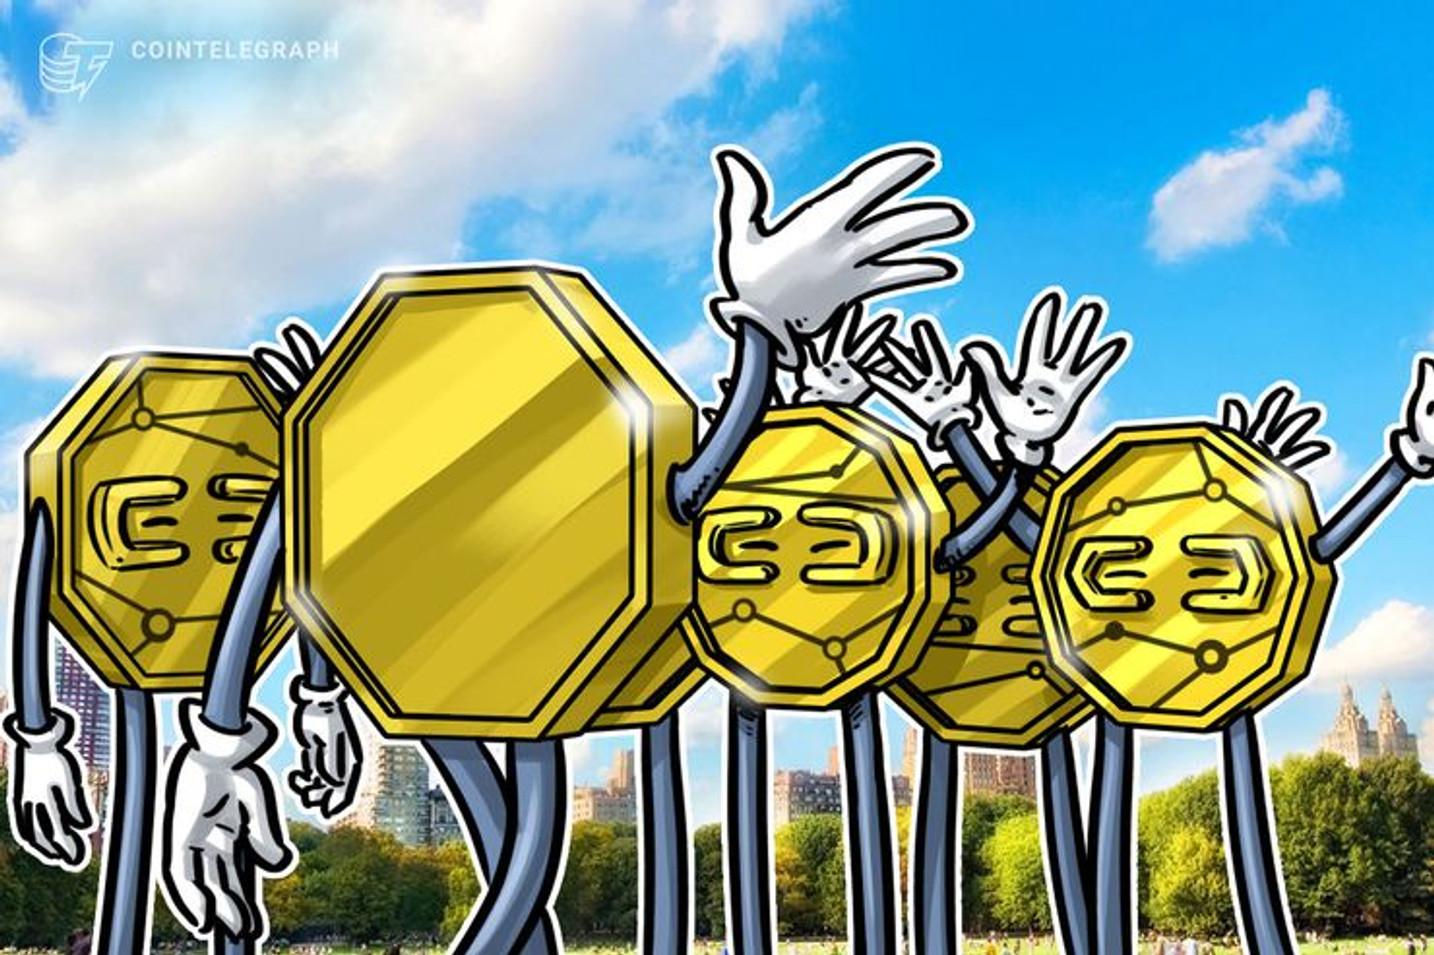 La criptomoneda Amero concluyó el armado de su blockchain y tiene prevista su salida al mercado el 21 de junio